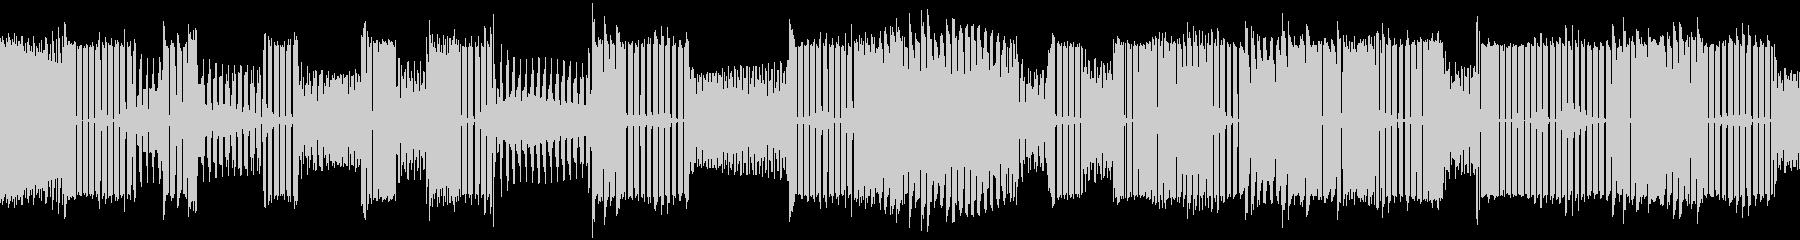 ランダム合成0607 ZGの未再生の波形